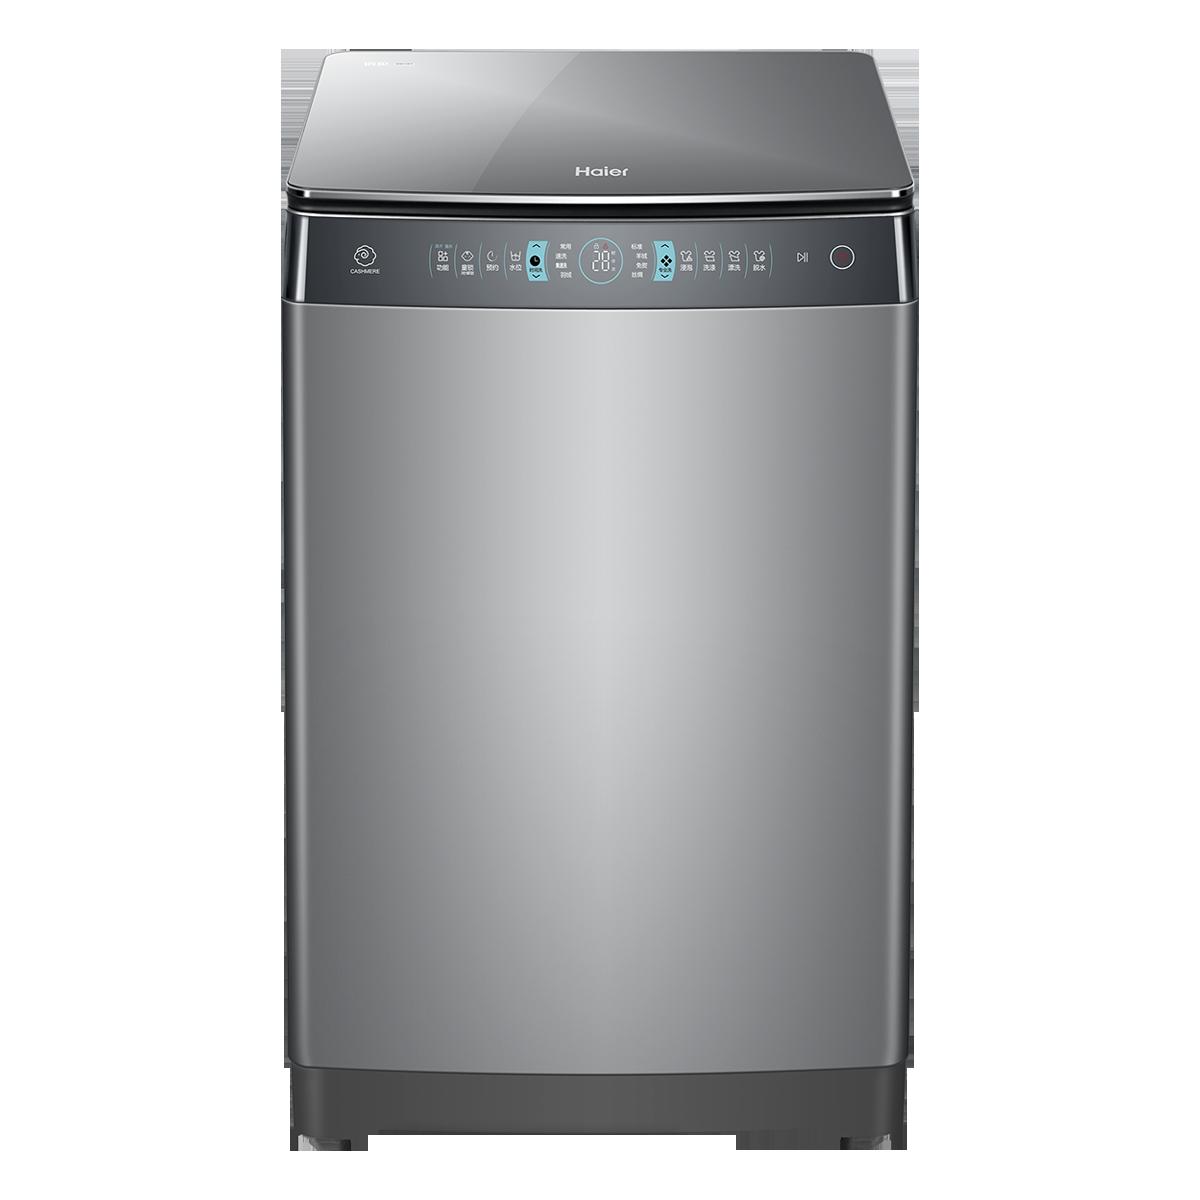 海尔Haier洗衣机 MS90-BZ968 说明书